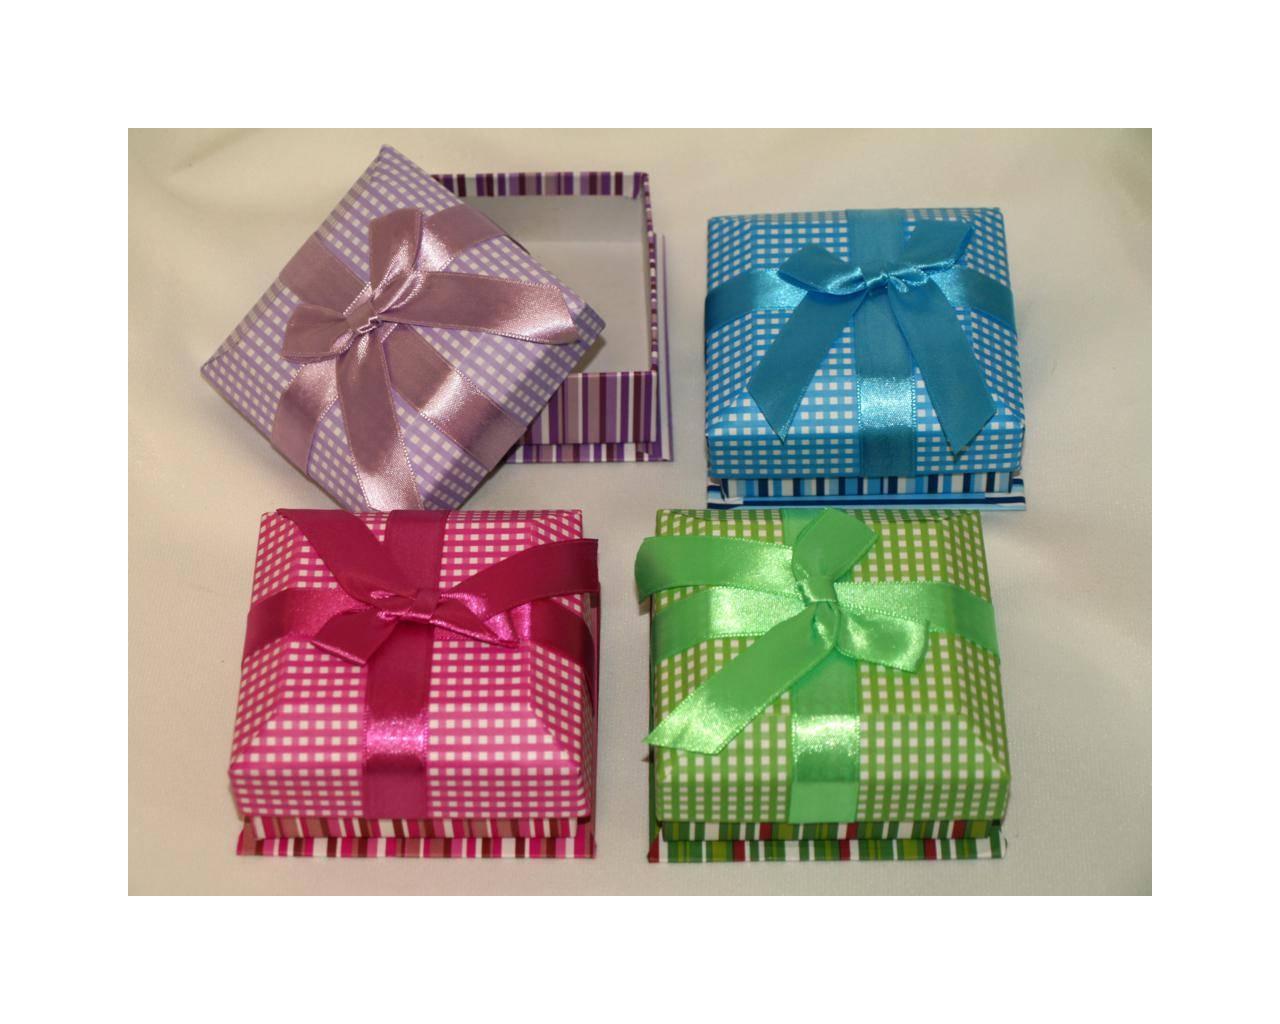 El rinc n de los trastos envoltorios reciclables para regalos - Envoltorios para regalos ...